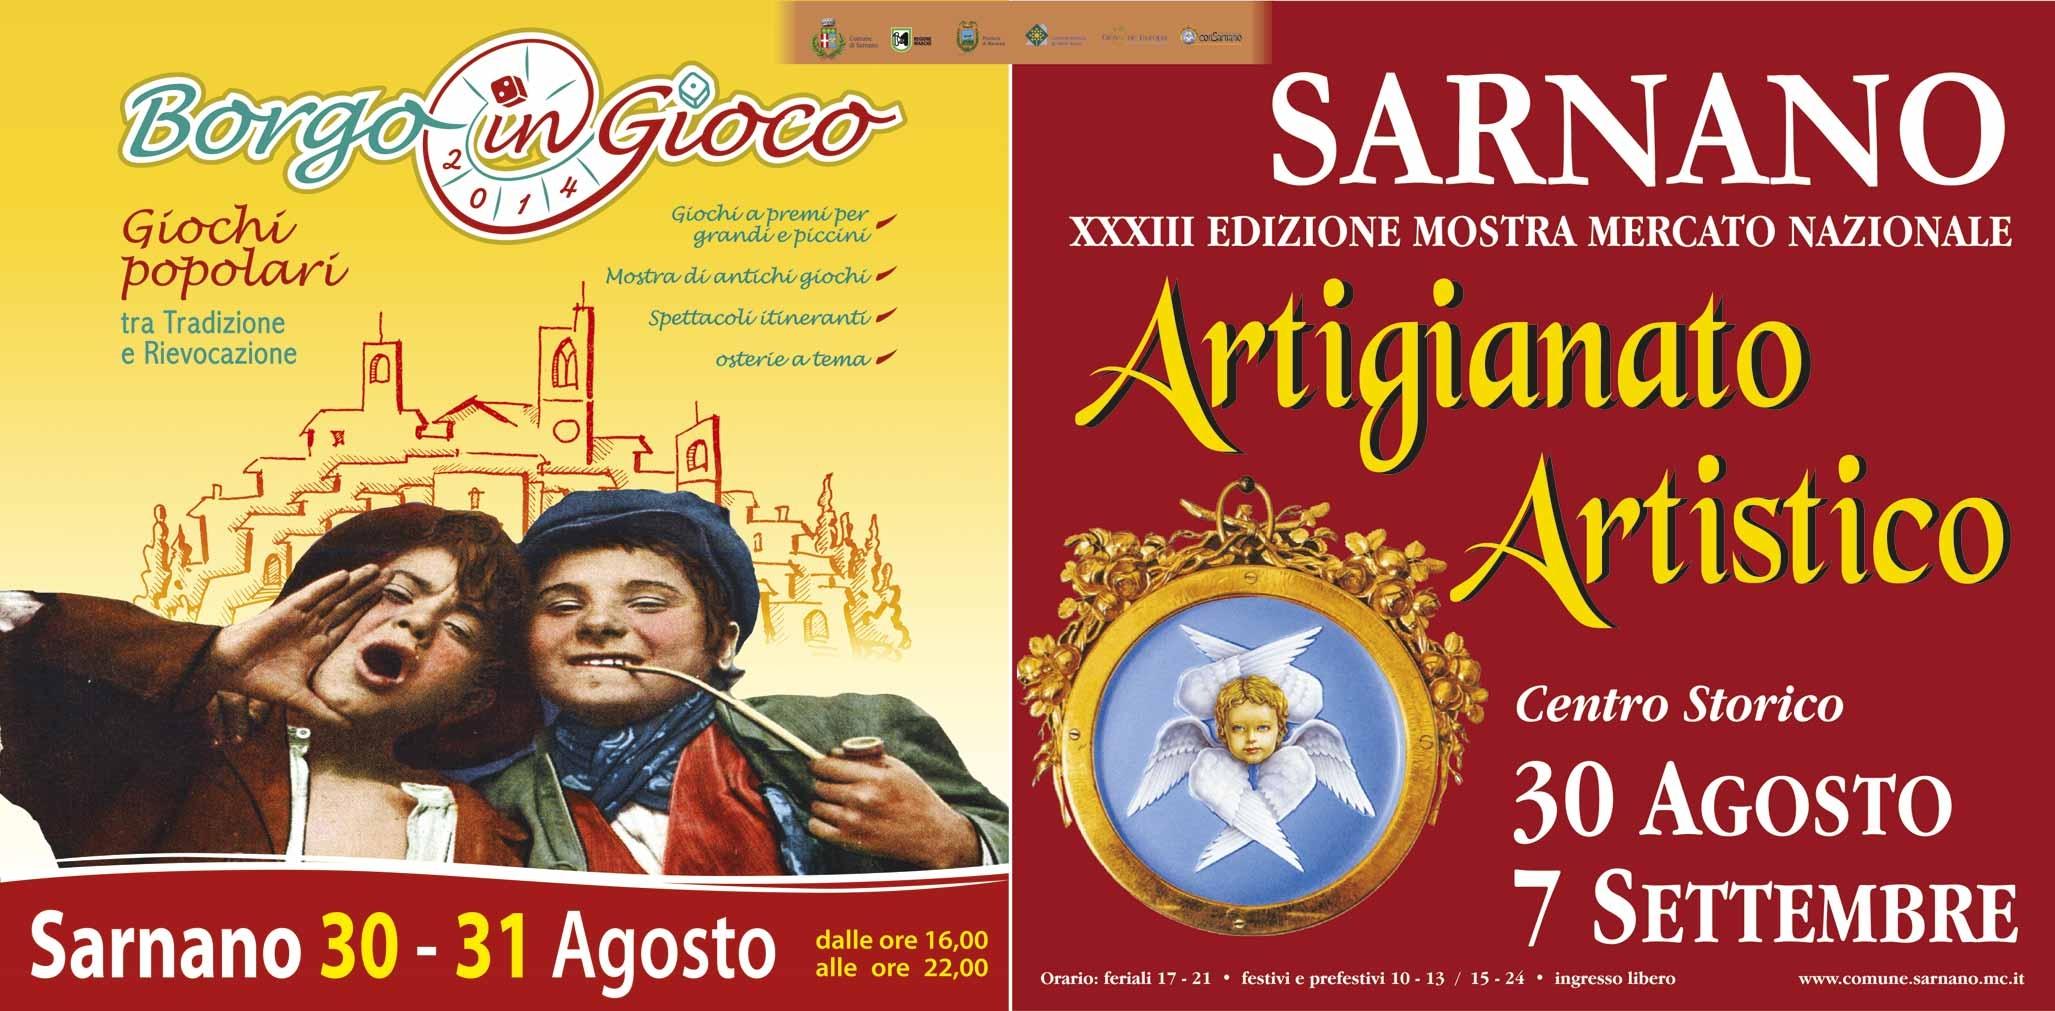 Sarnano_Borgo_in_Gioco_Mostra_Artigianato_2014